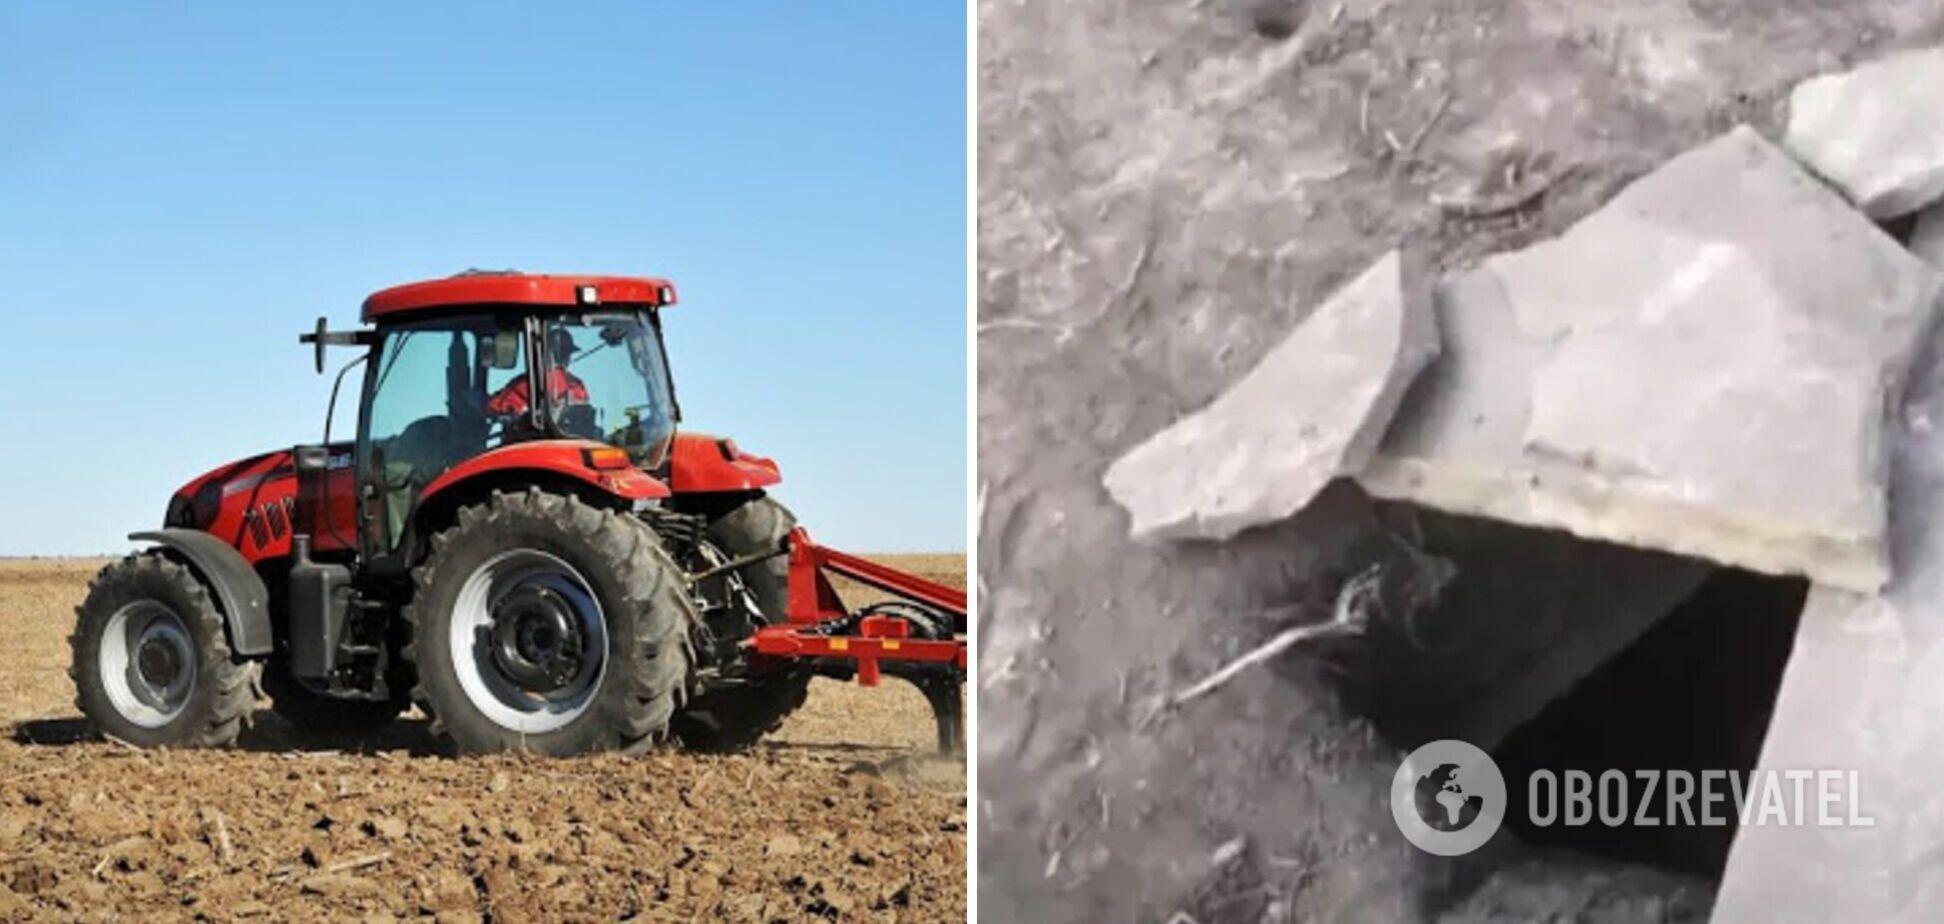 На Тернопольщине тракторист нашел саркофаг возрастом 5 тысяч лет. Видео